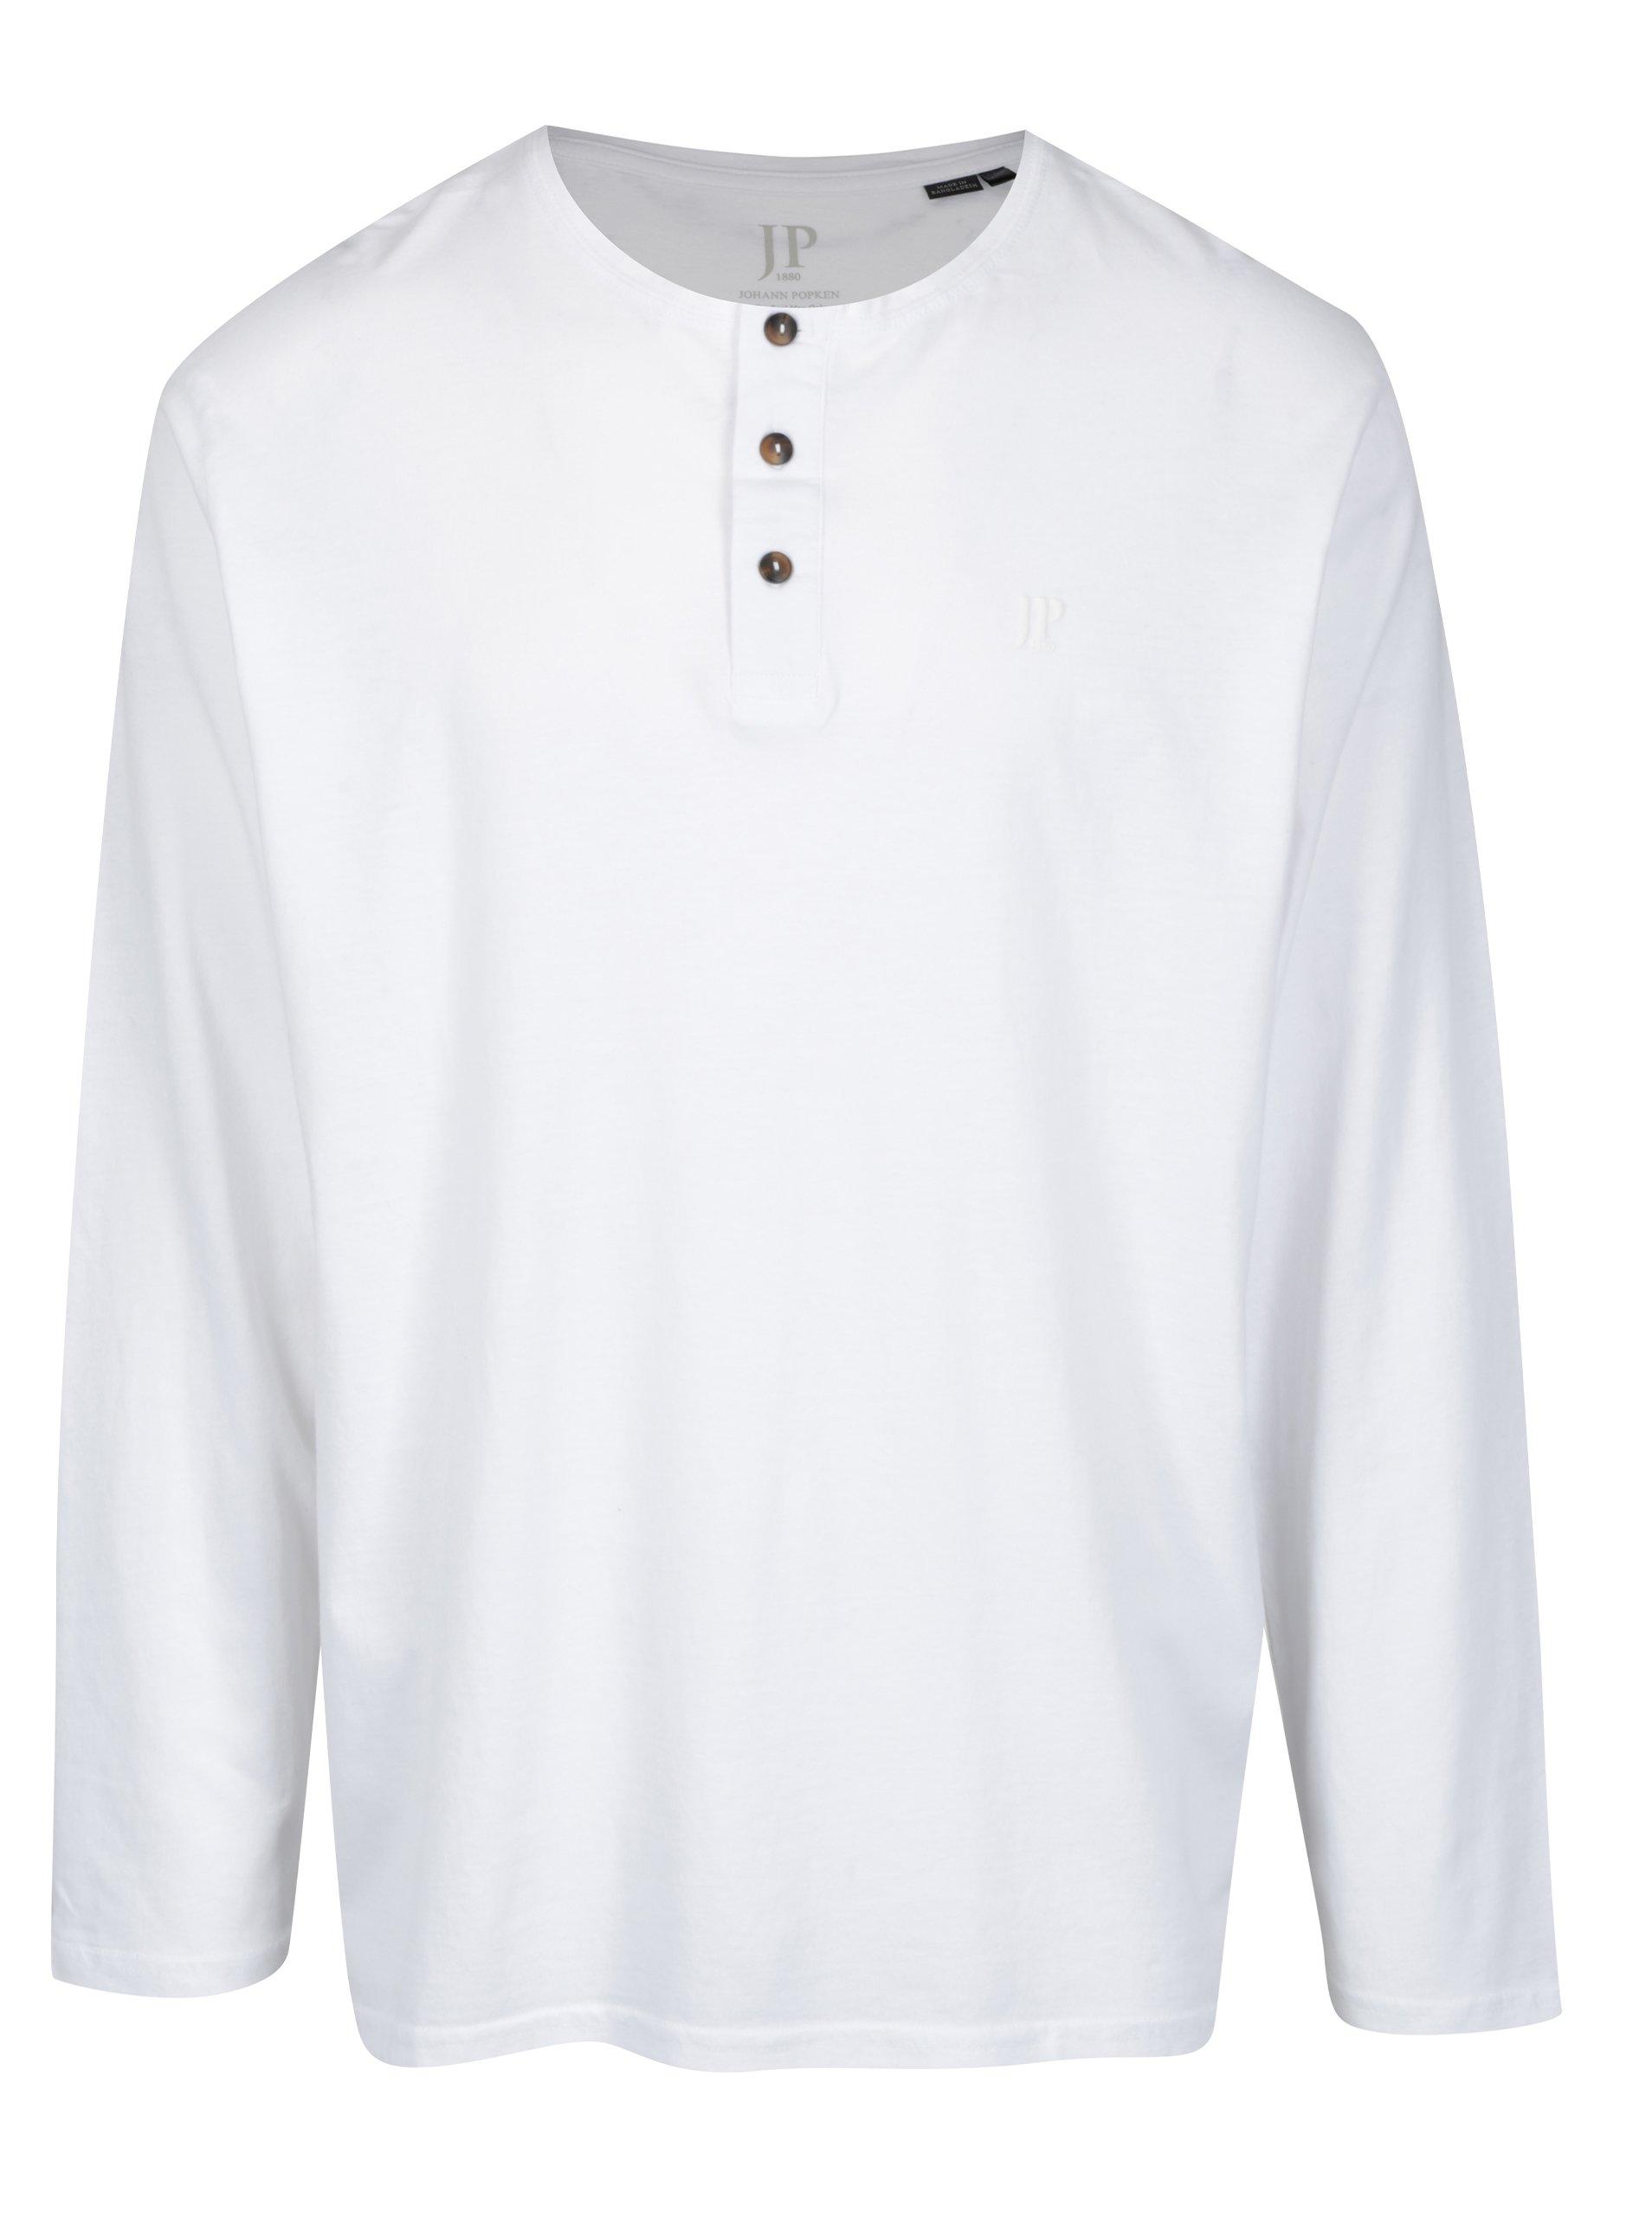 Bílé polo tričko s dlouhým rukávem a knoflíky JP 1880